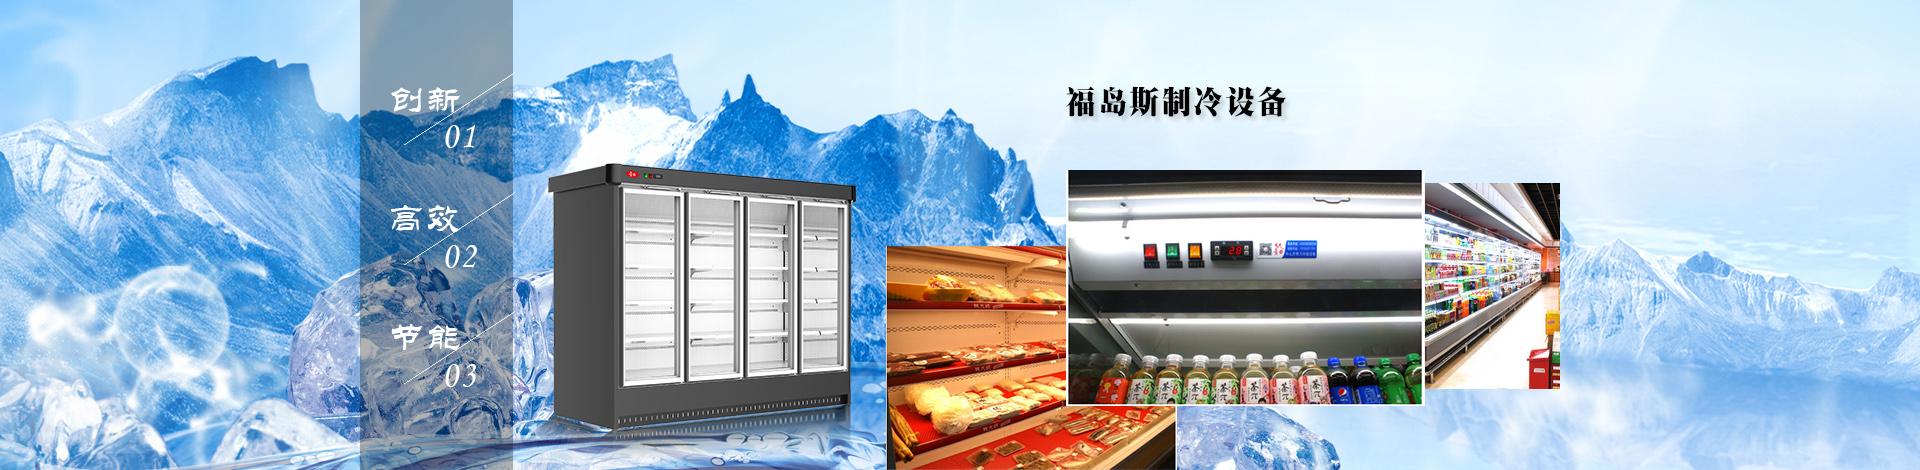 南宁豪华冷柜,南宁冷冻节能柜,南宁KTV专业冷柜